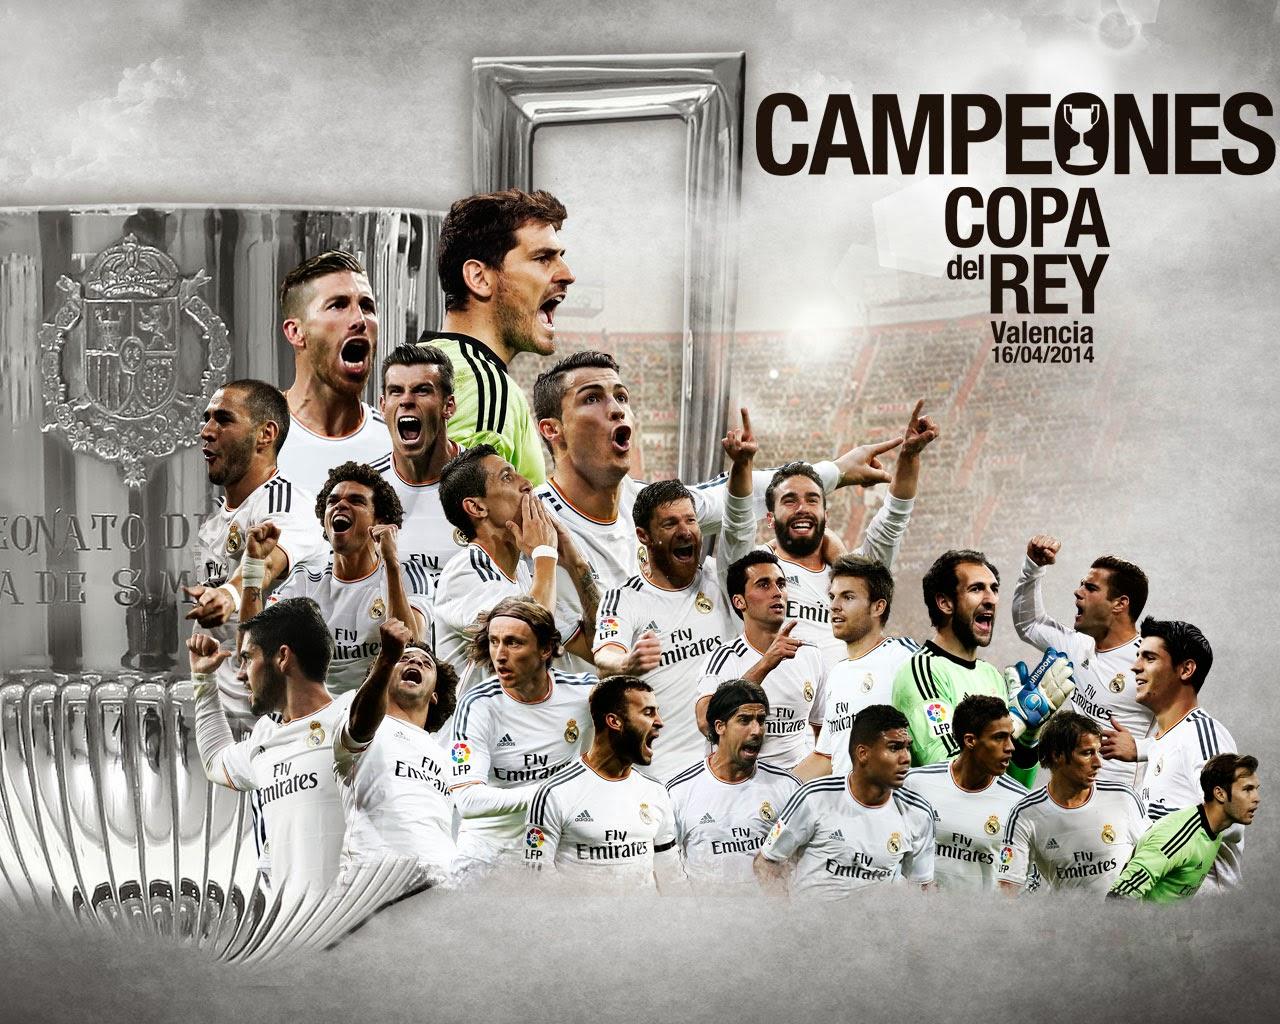 Real Madrid Campeón de la Copa del Rey 2013/2014 - Vídeo Homenaje - The Glow